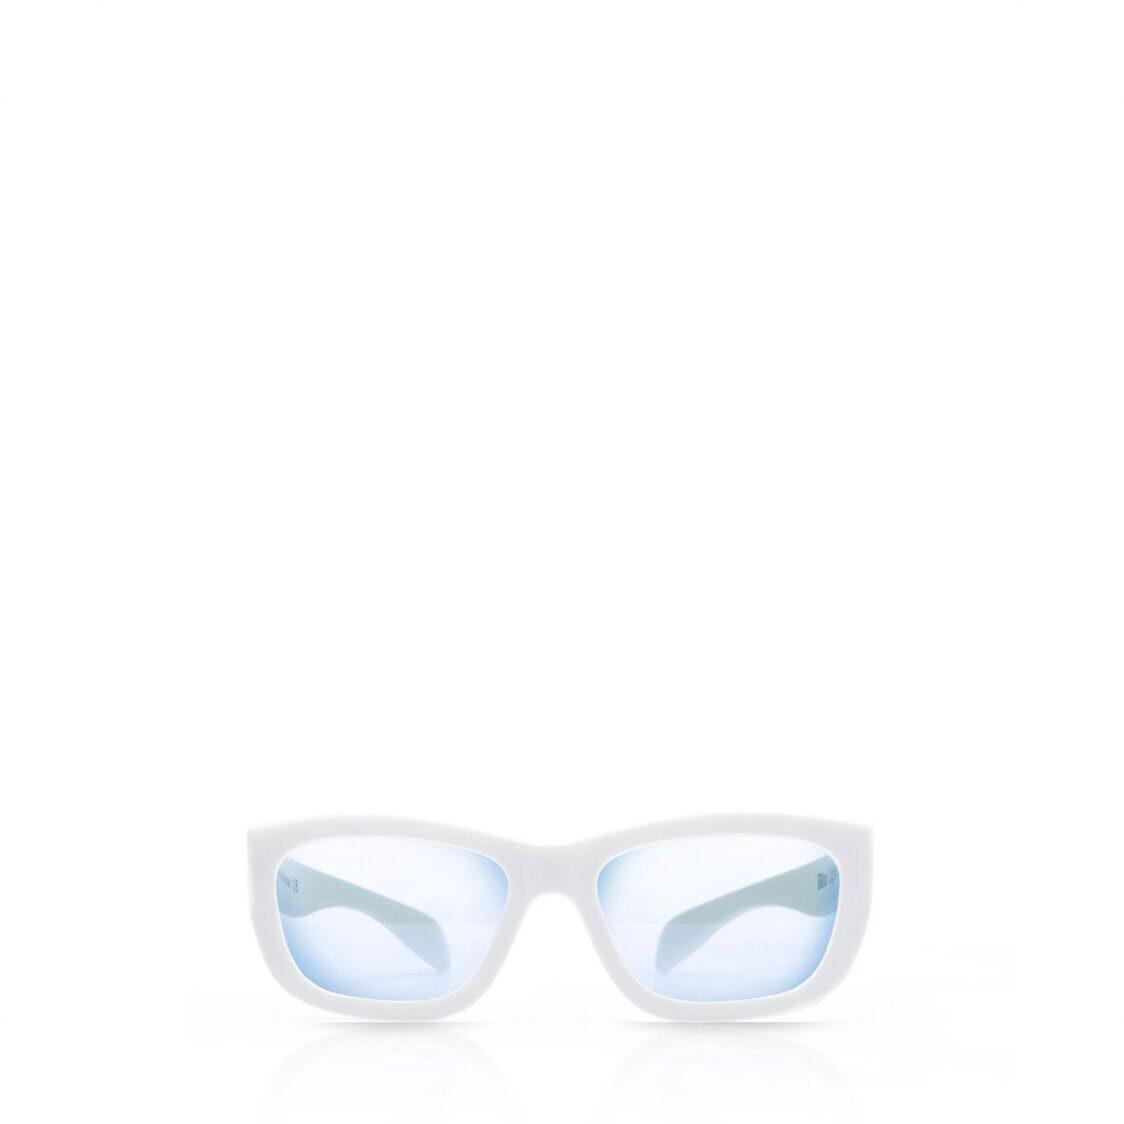 Shadez Eyewear Blue Light White Adult 16 years old